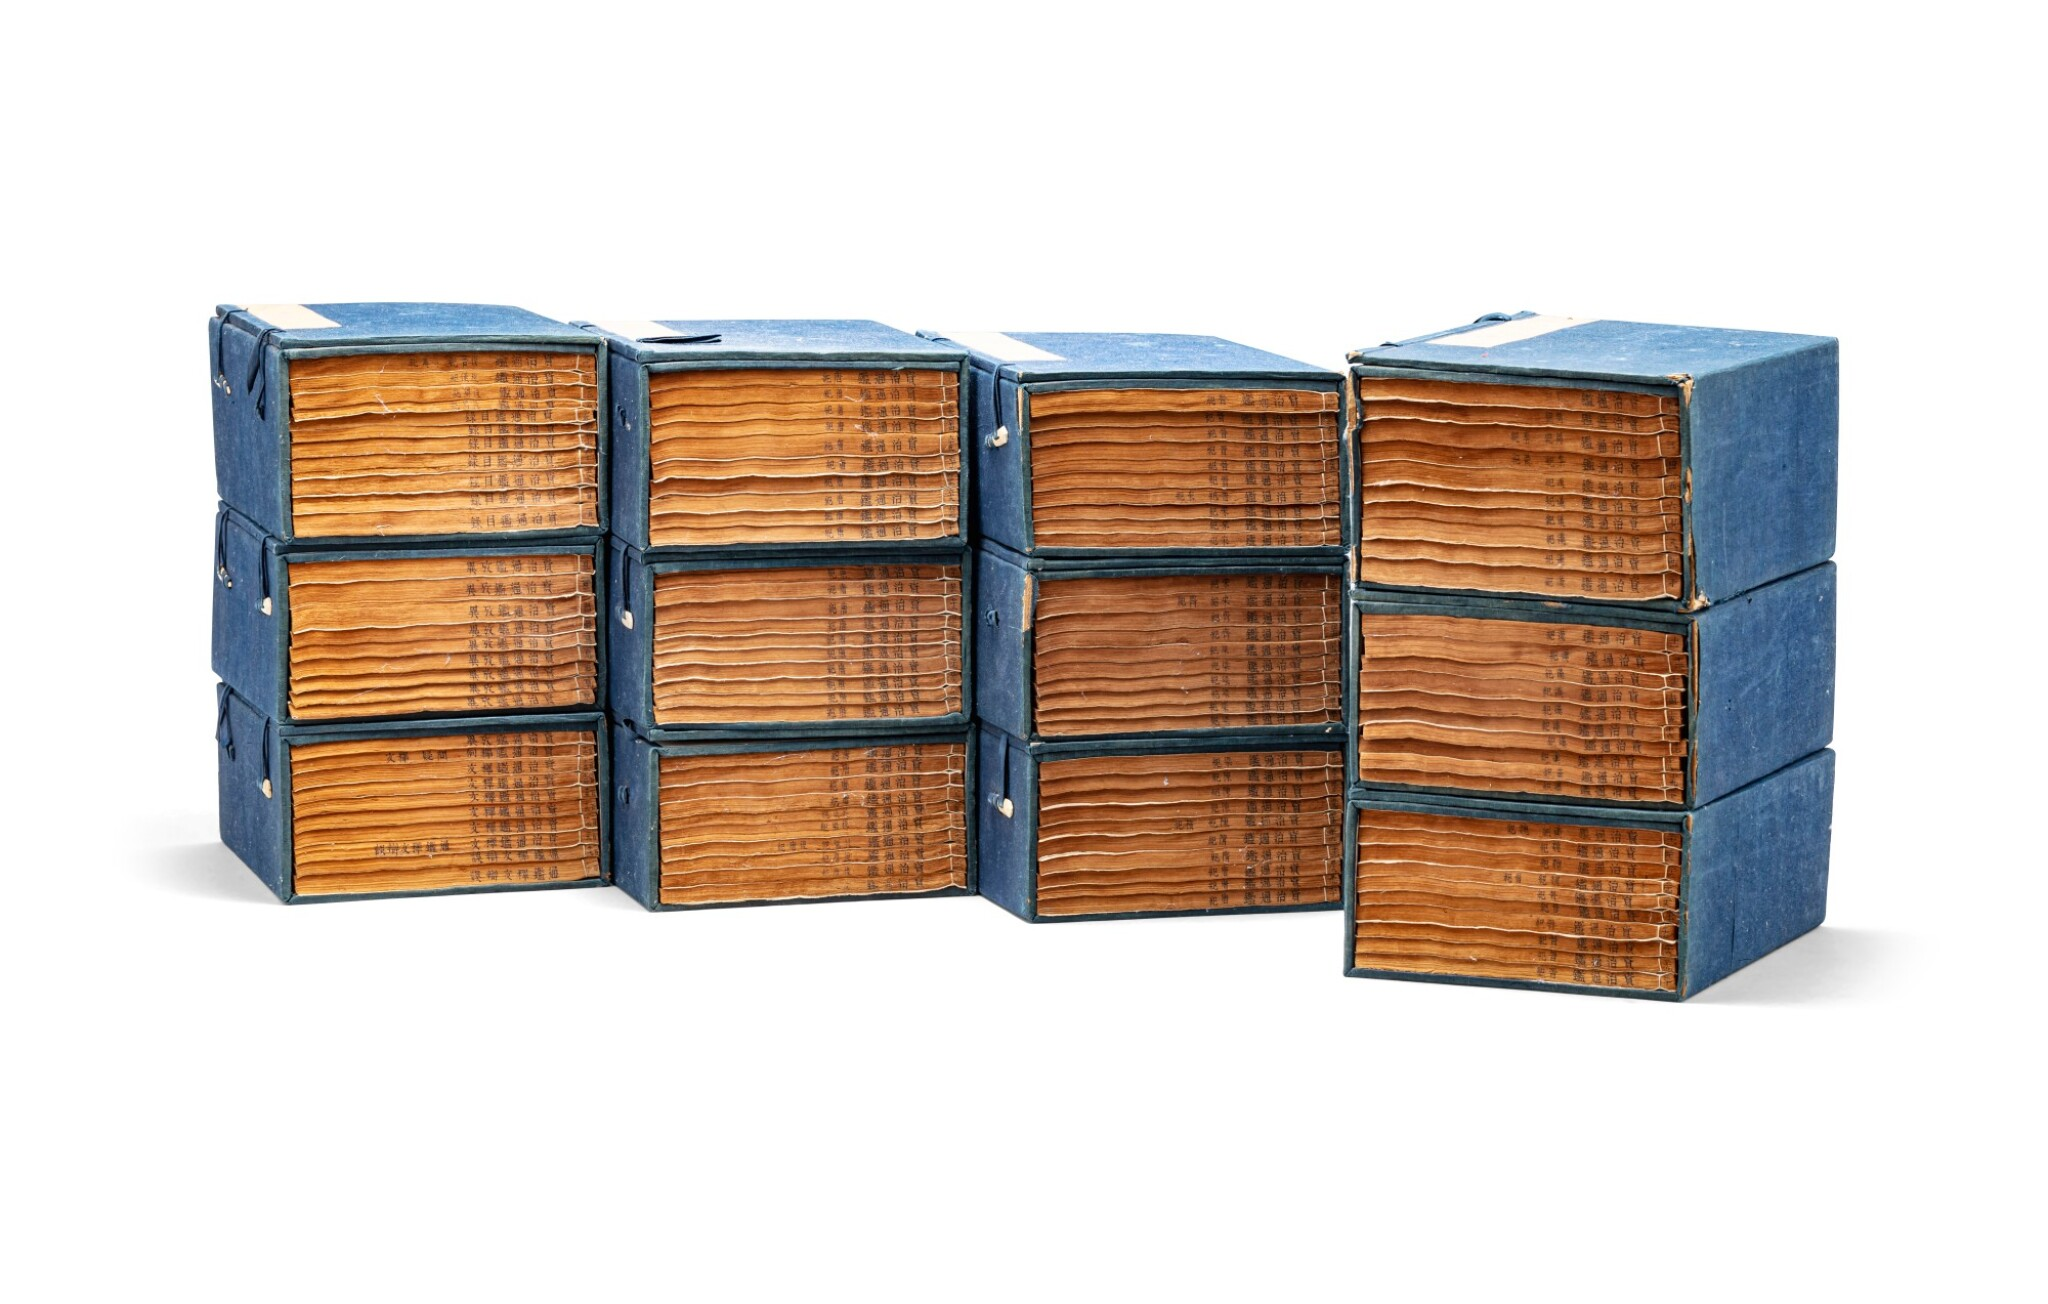 View 1 of Lot 145. Sima Guang, Zizhi Tongjian Dynastie Qing, époque Guangxu, daté 1891 | 司馬光撰 《資治通鍳》| Sima Guang, Zizhi Tongjian, 120 books in 12 tomes, Qing Dynasty, Guangxu period, dated 1891.